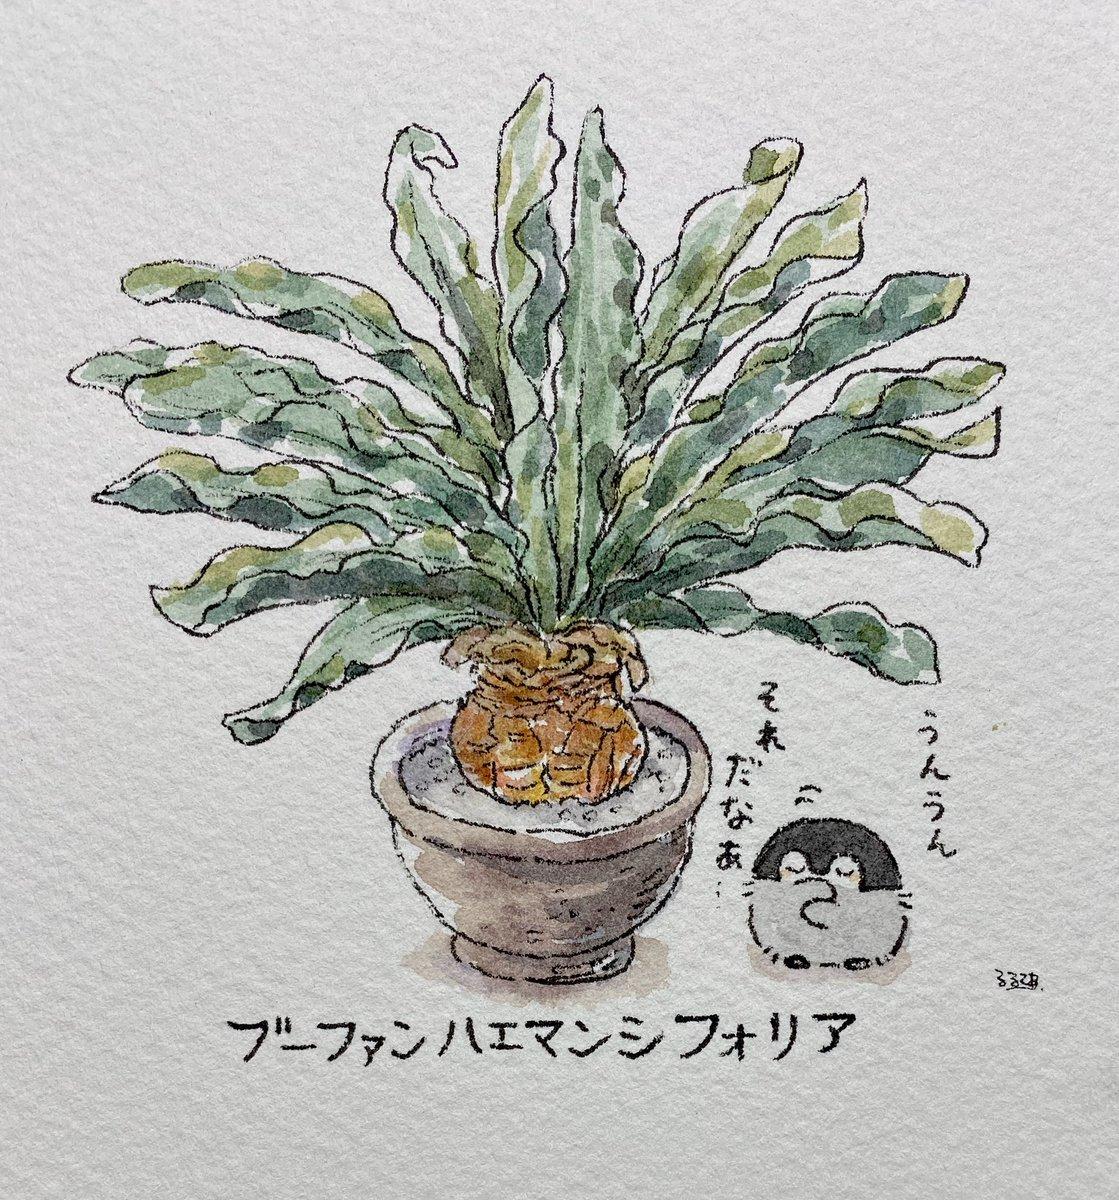 植物とコウペンちゃん